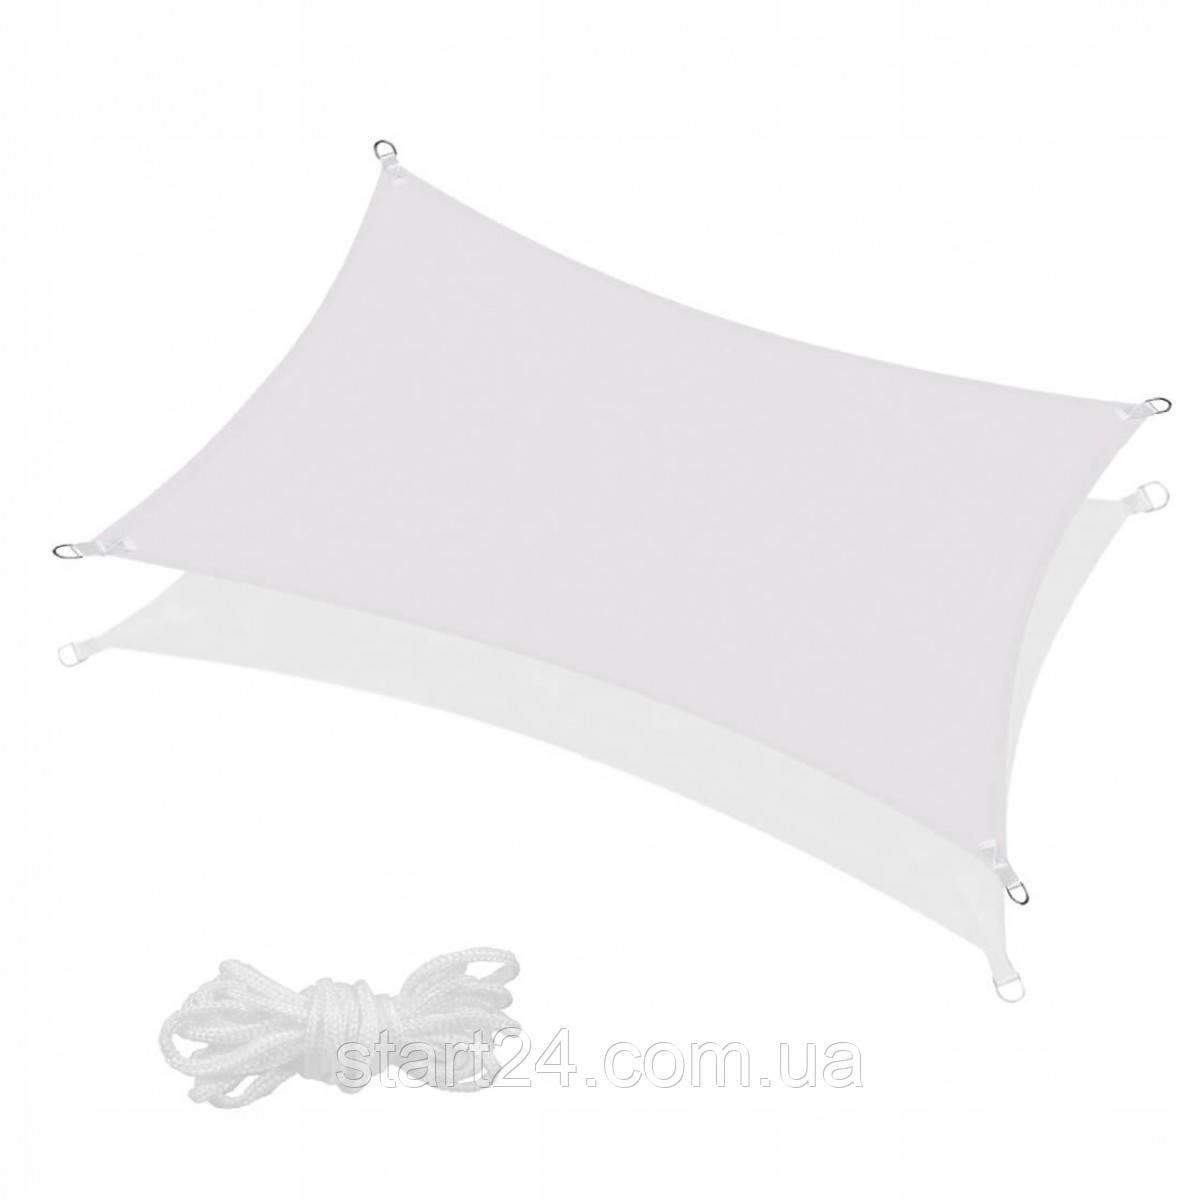 Тент-парус теневой для дома, сада и туризма Springos 4 x 3 м SN1035 Grey